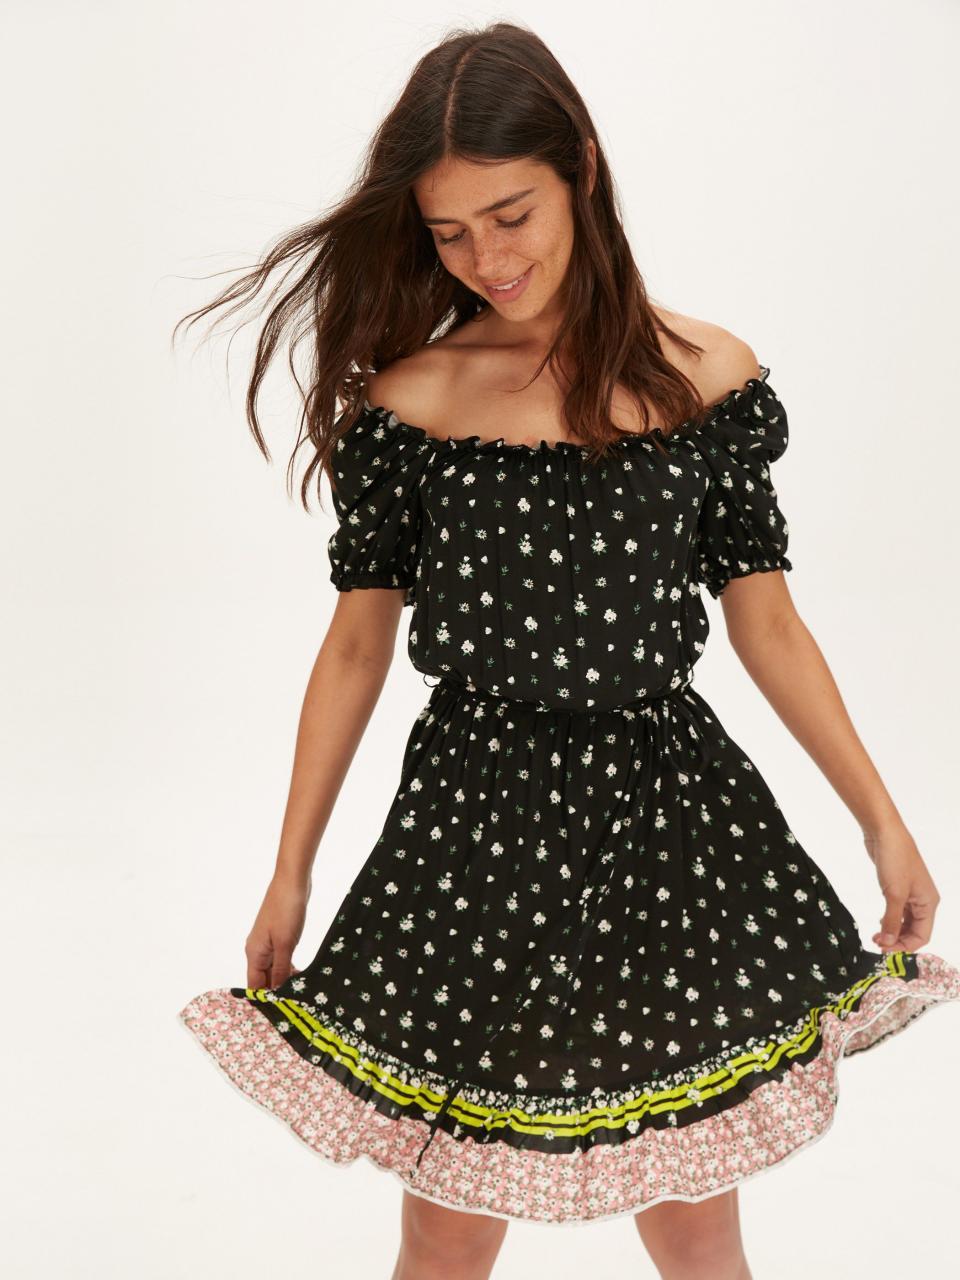 صورة الفستان الاسود في الحلم , تالقي في حلمك